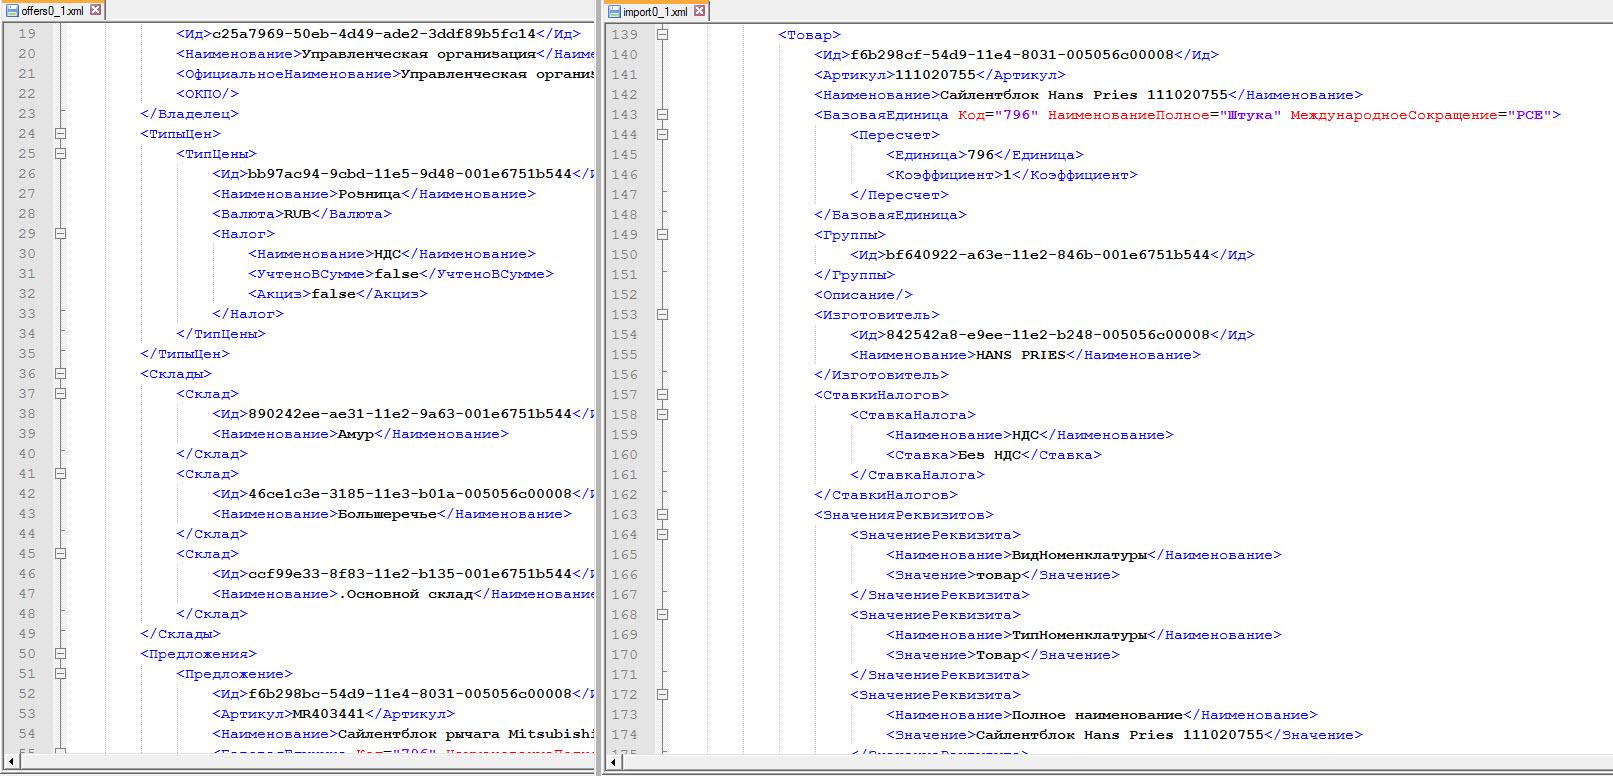 Софт для импорта данных из выгрузки 1С в MySQL (winforms, C#)